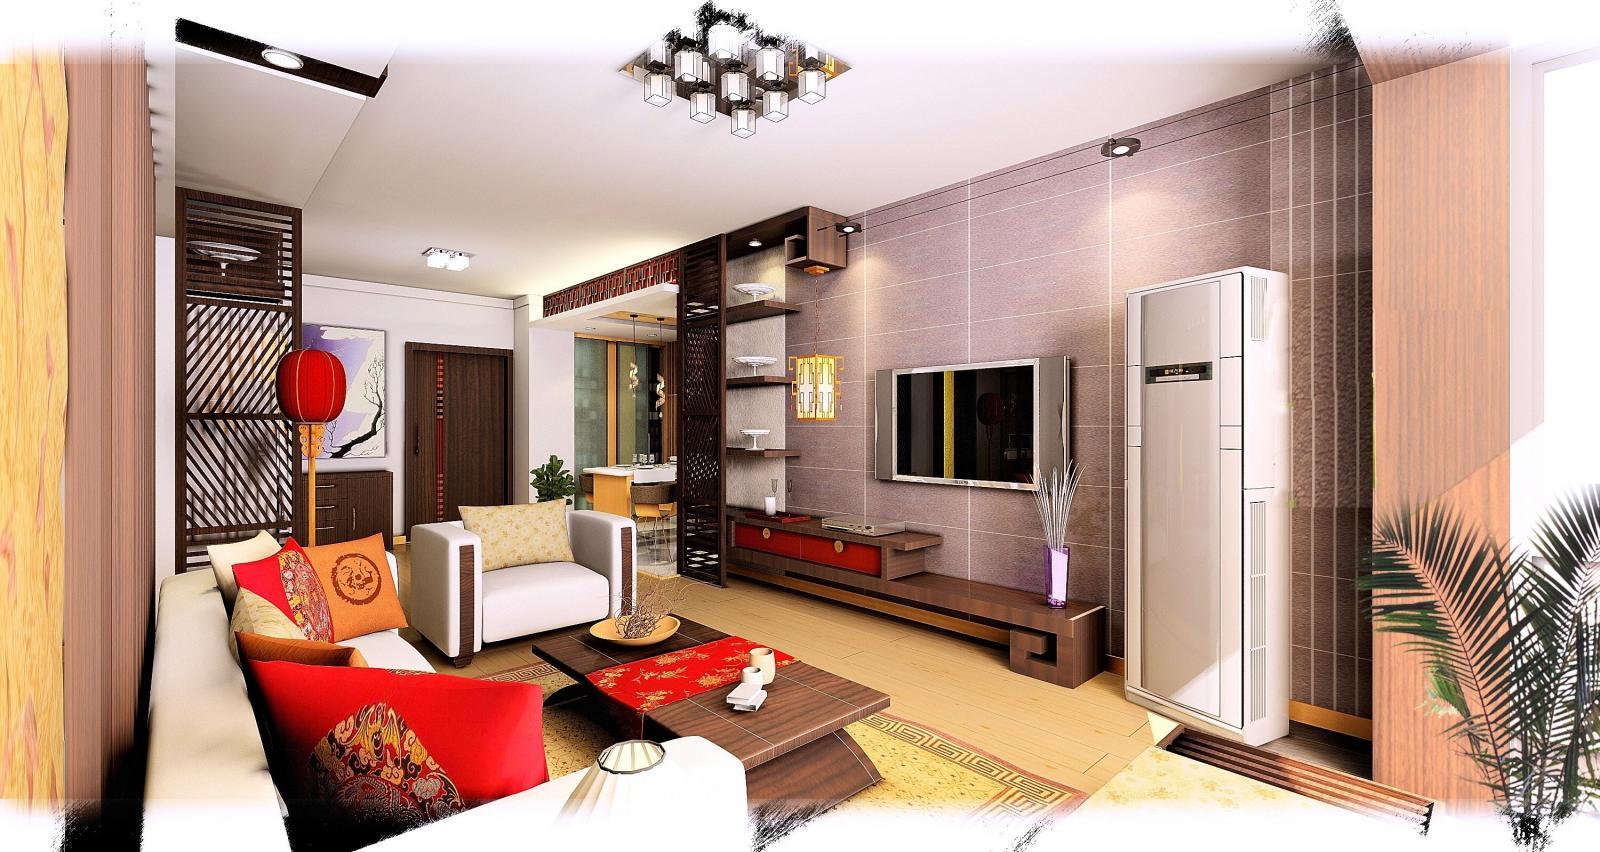 现代风格客厅装修效果图 高清图片